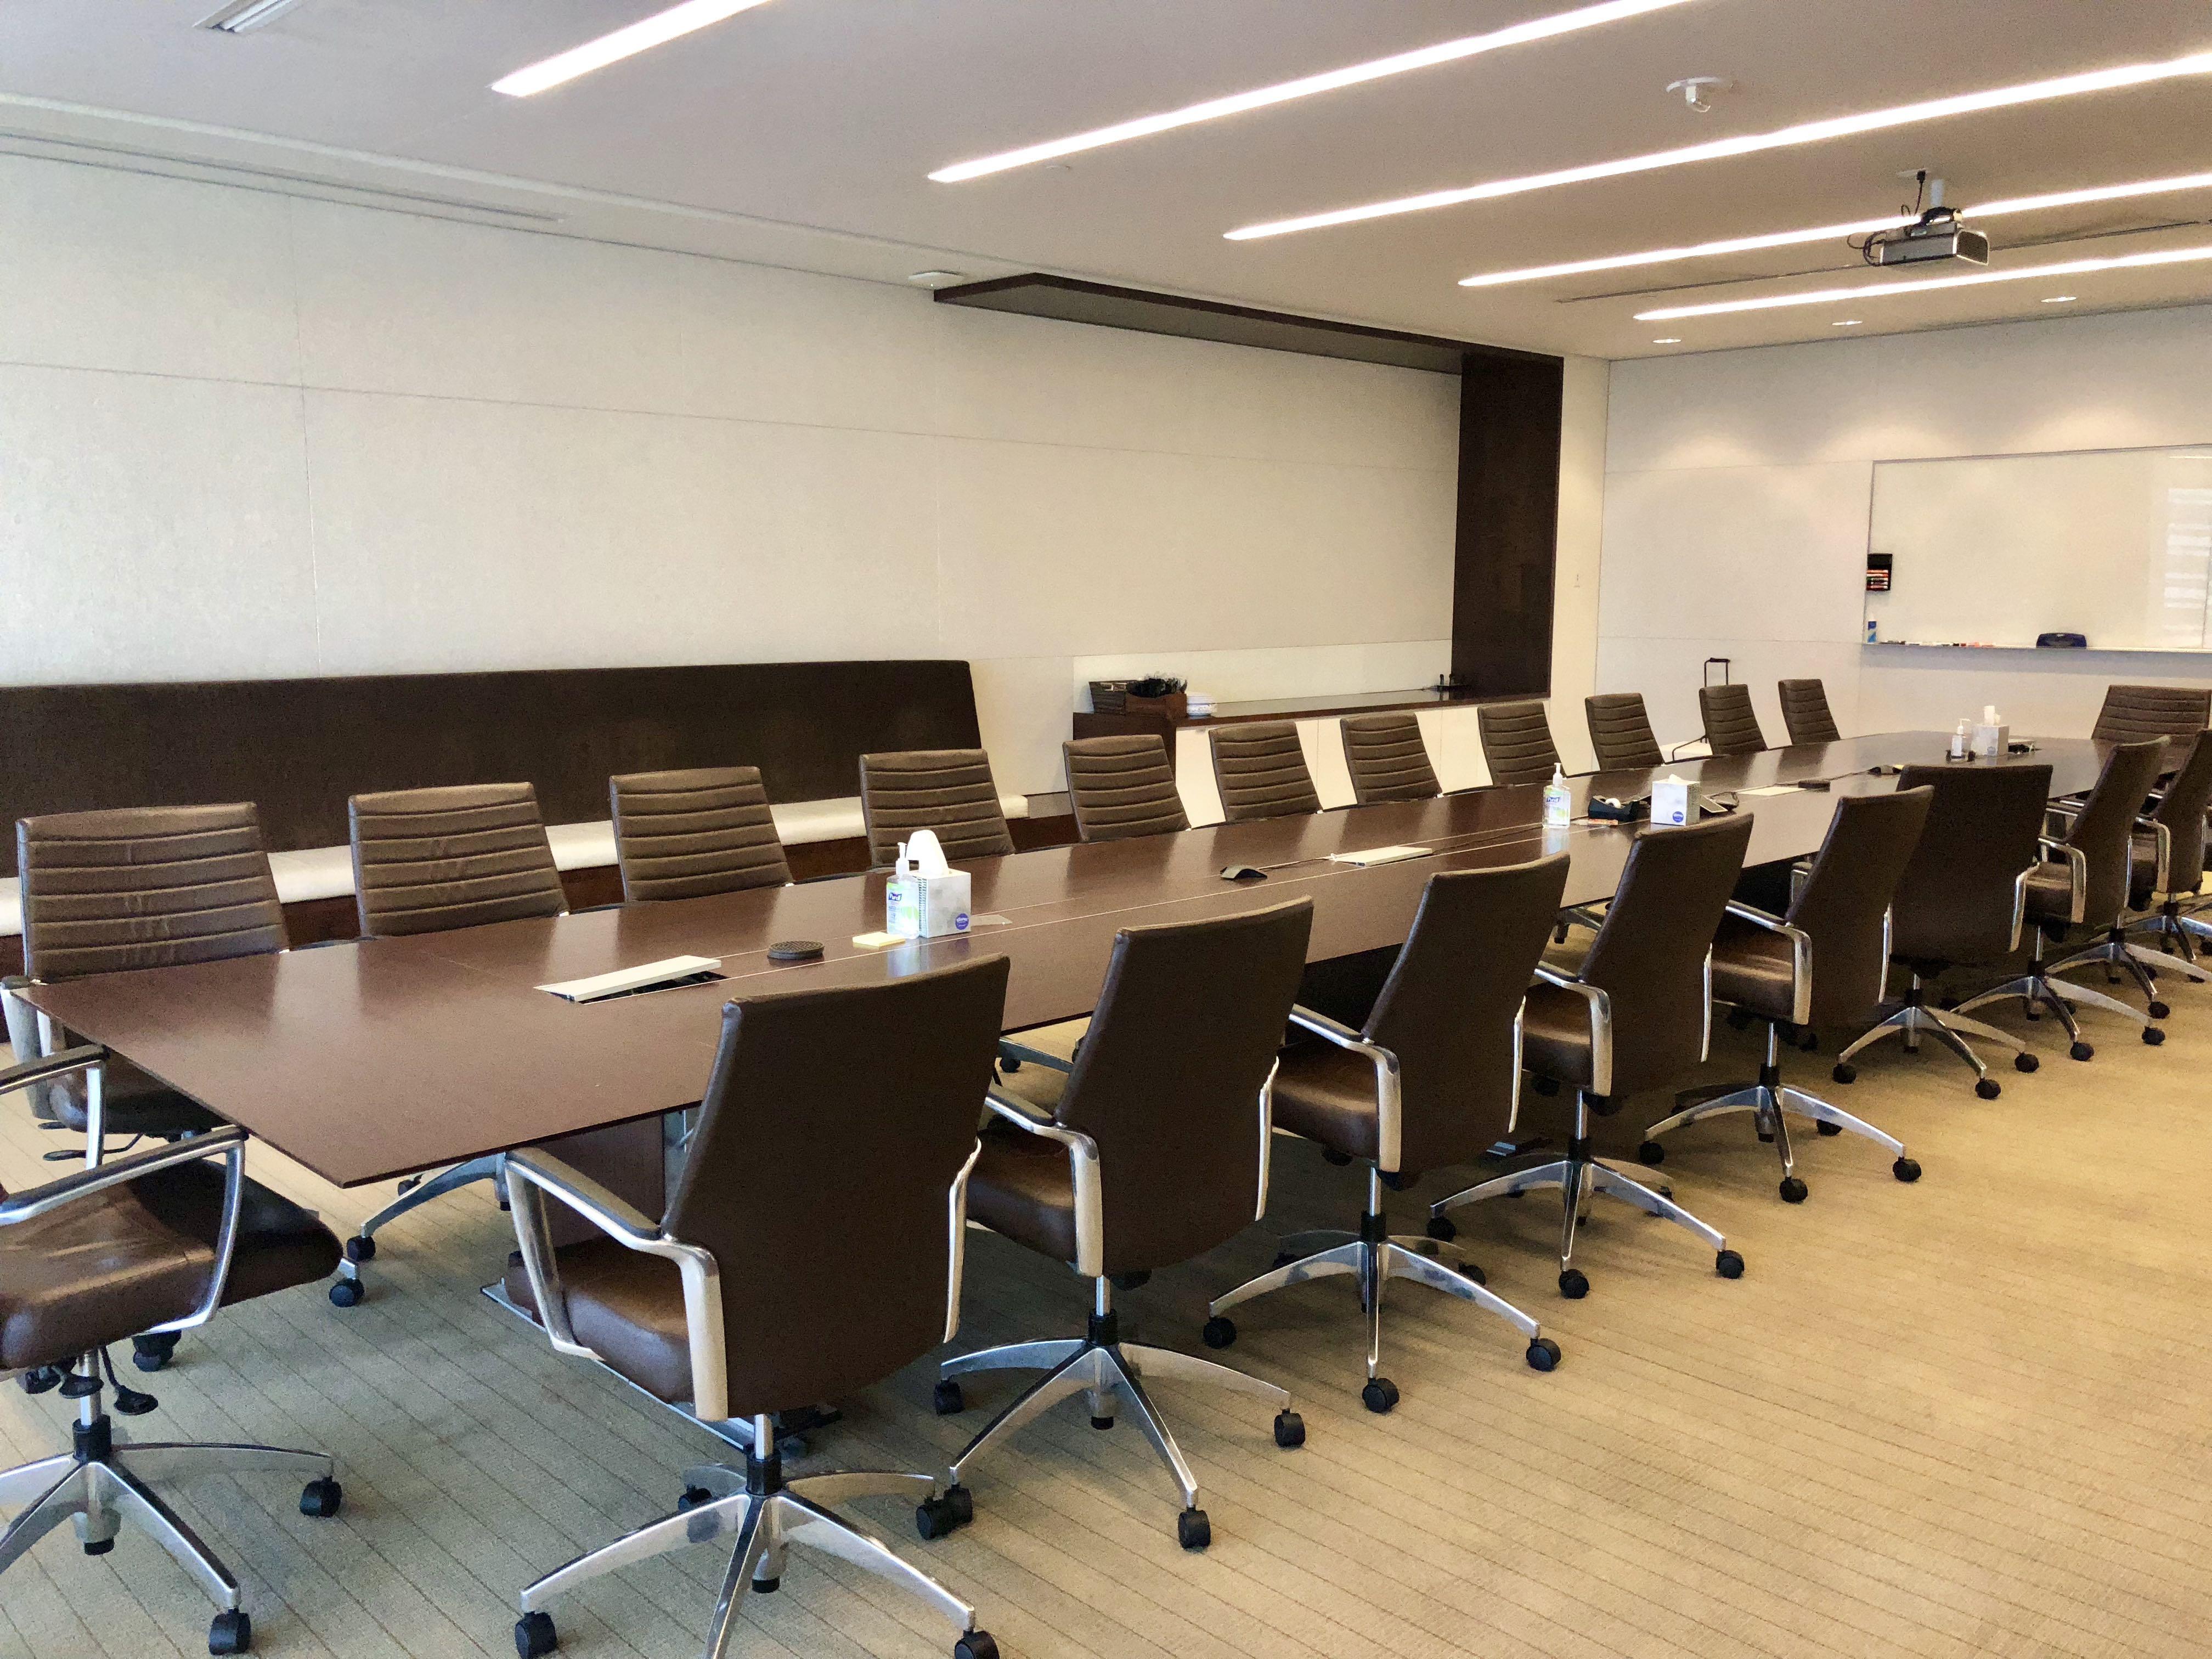 recent arrivals office furniture specials tops austin texas